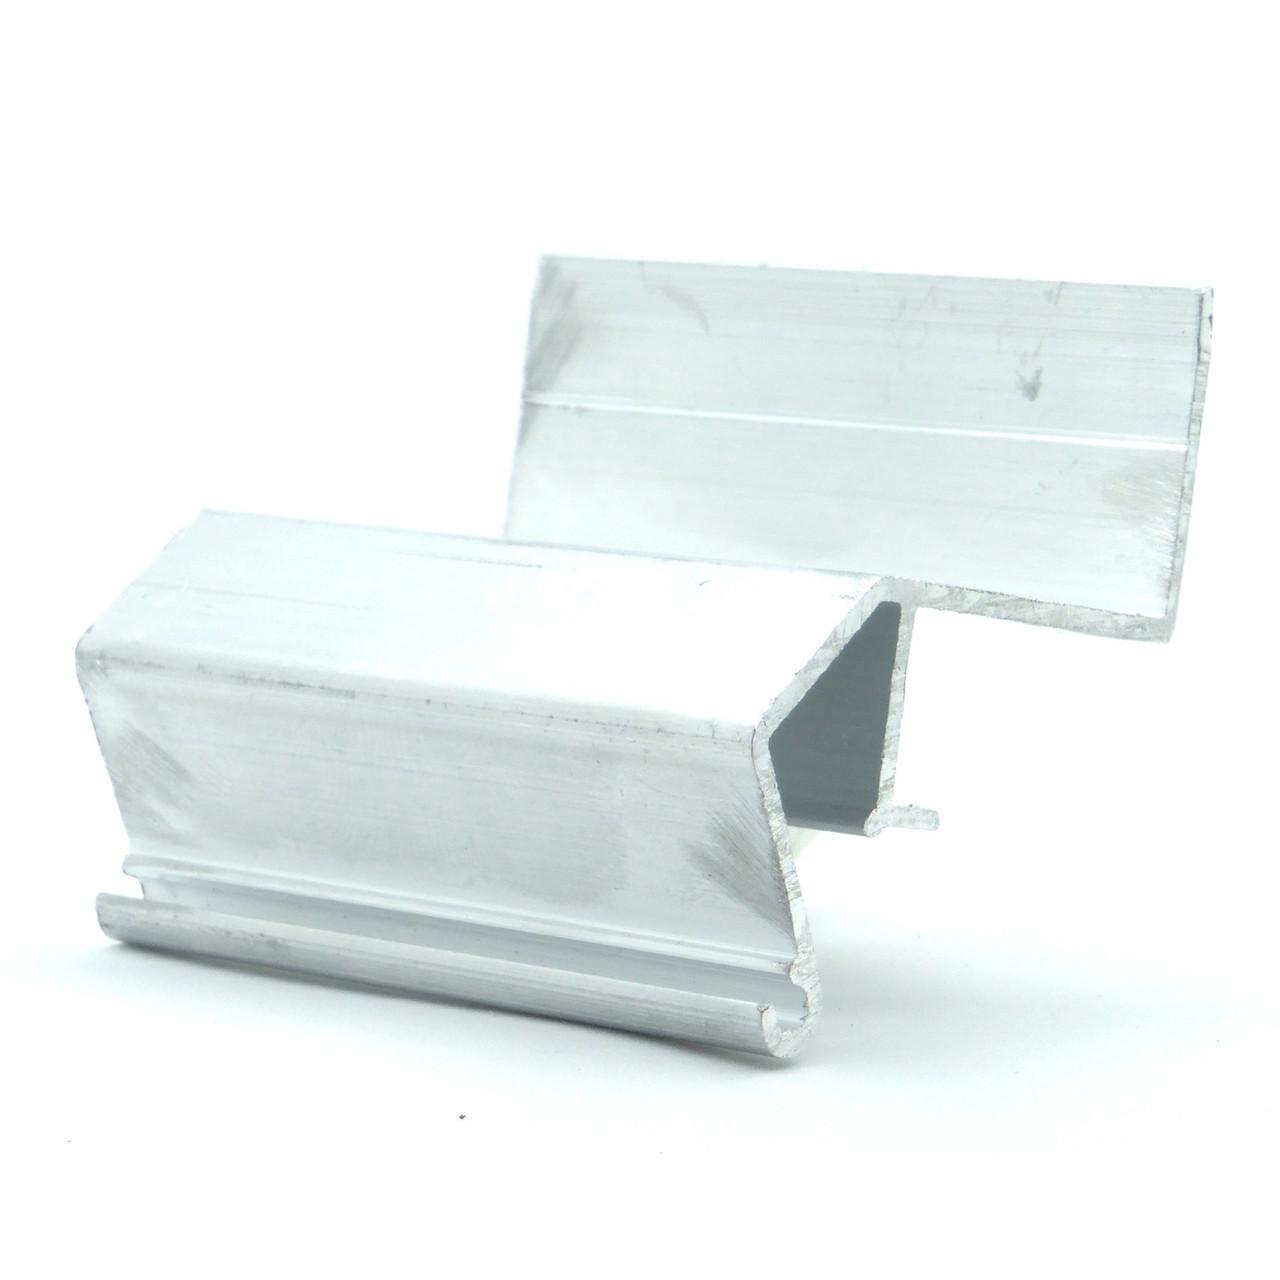 Профіль алюмінієвий для натяжних стель - ширяючий, посилений, без вставки, не фарбований №3. Довжина профілю 2,5 м.